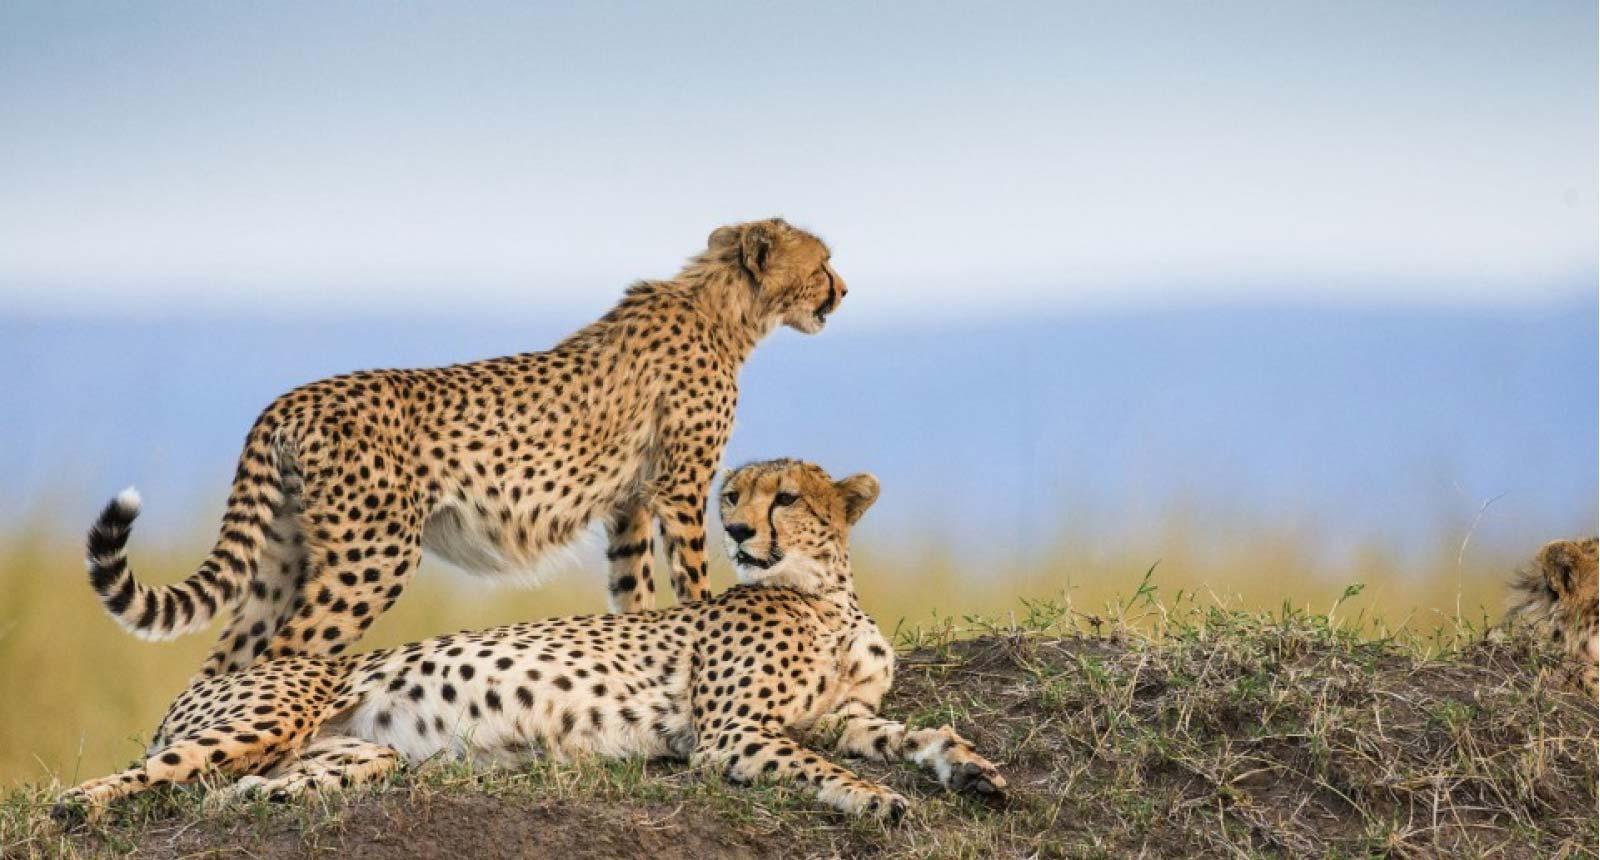 Tsavo, Amboseli National Parks